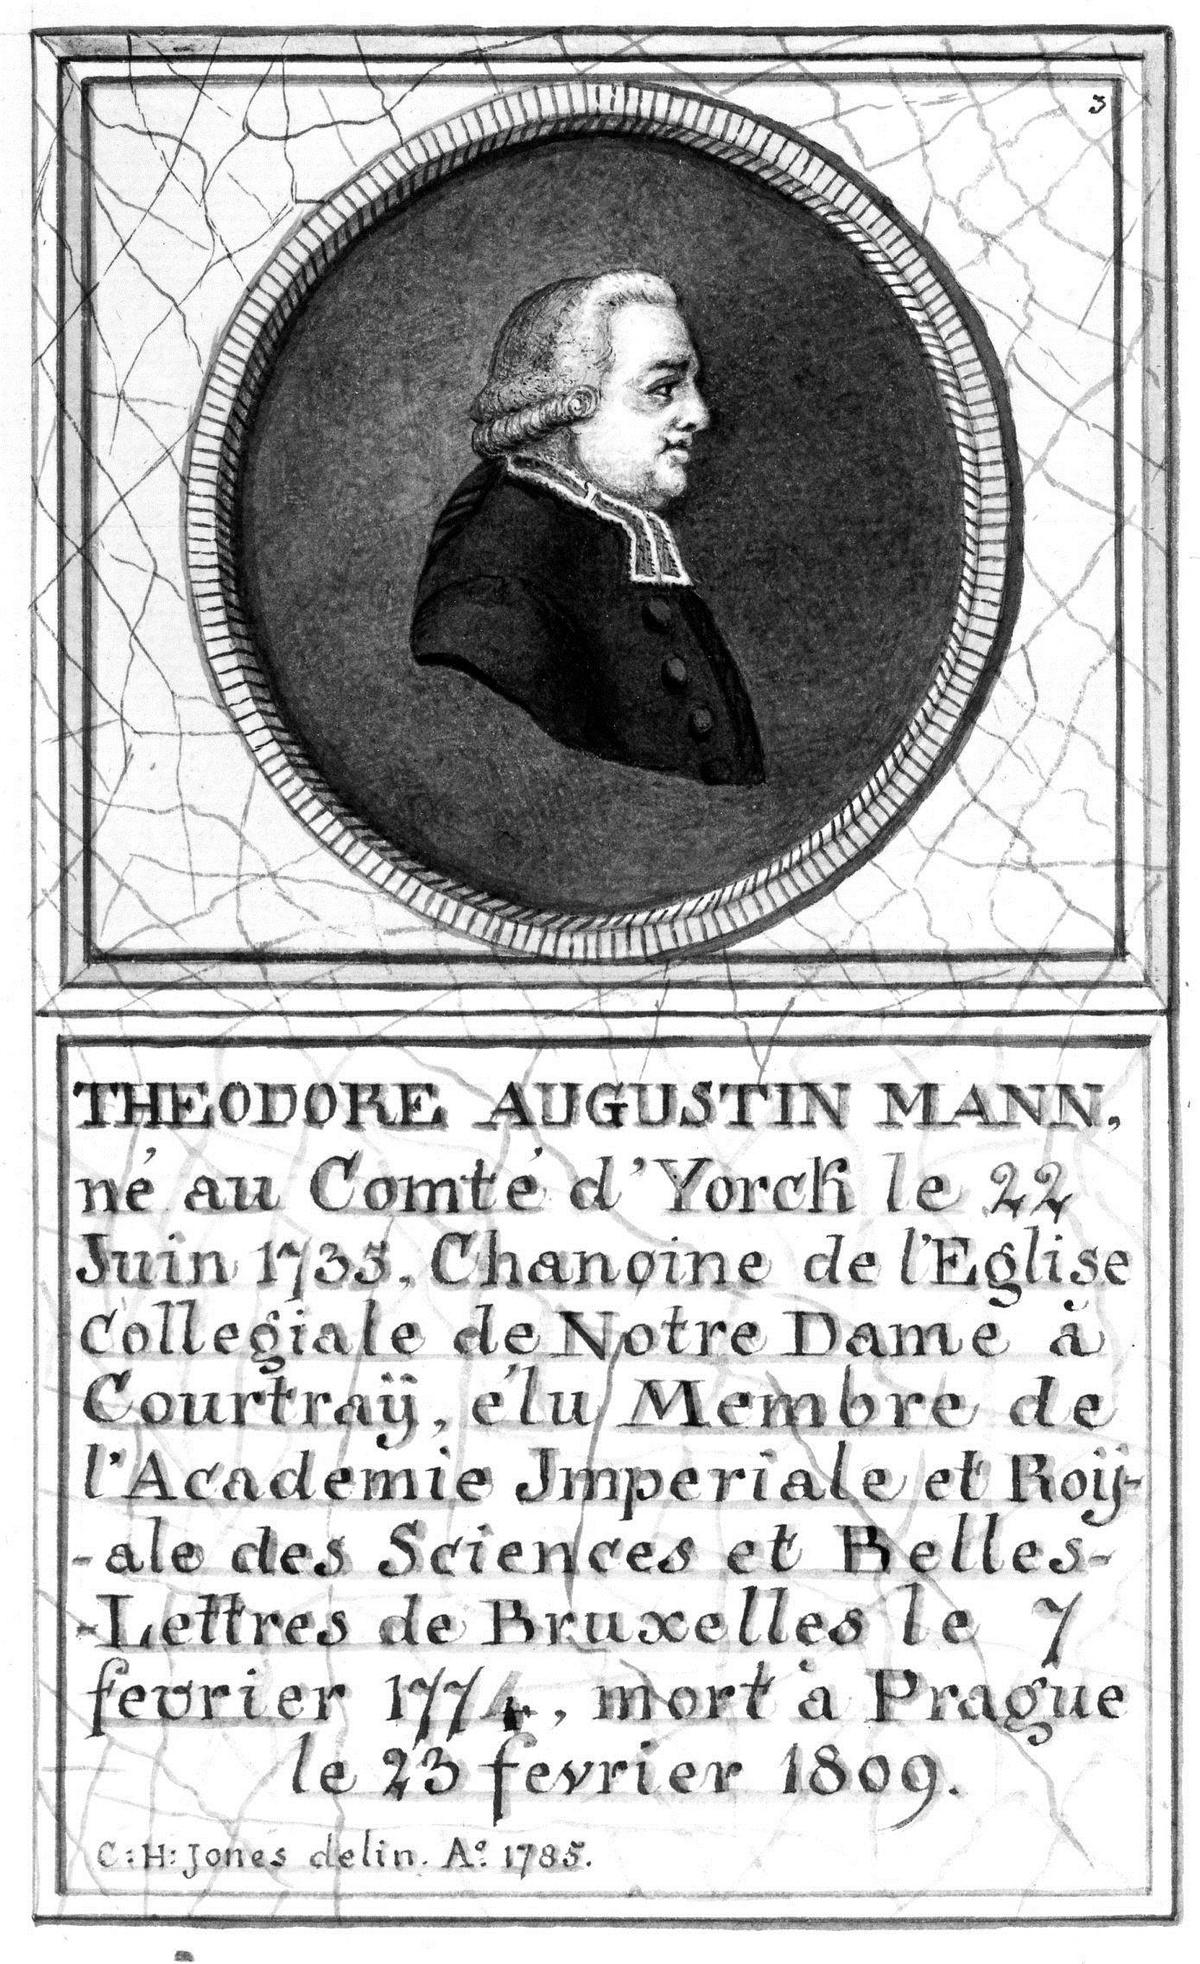 Théodore-Augustin Mann, prieur du couvent des Chartreux à Nieuport.